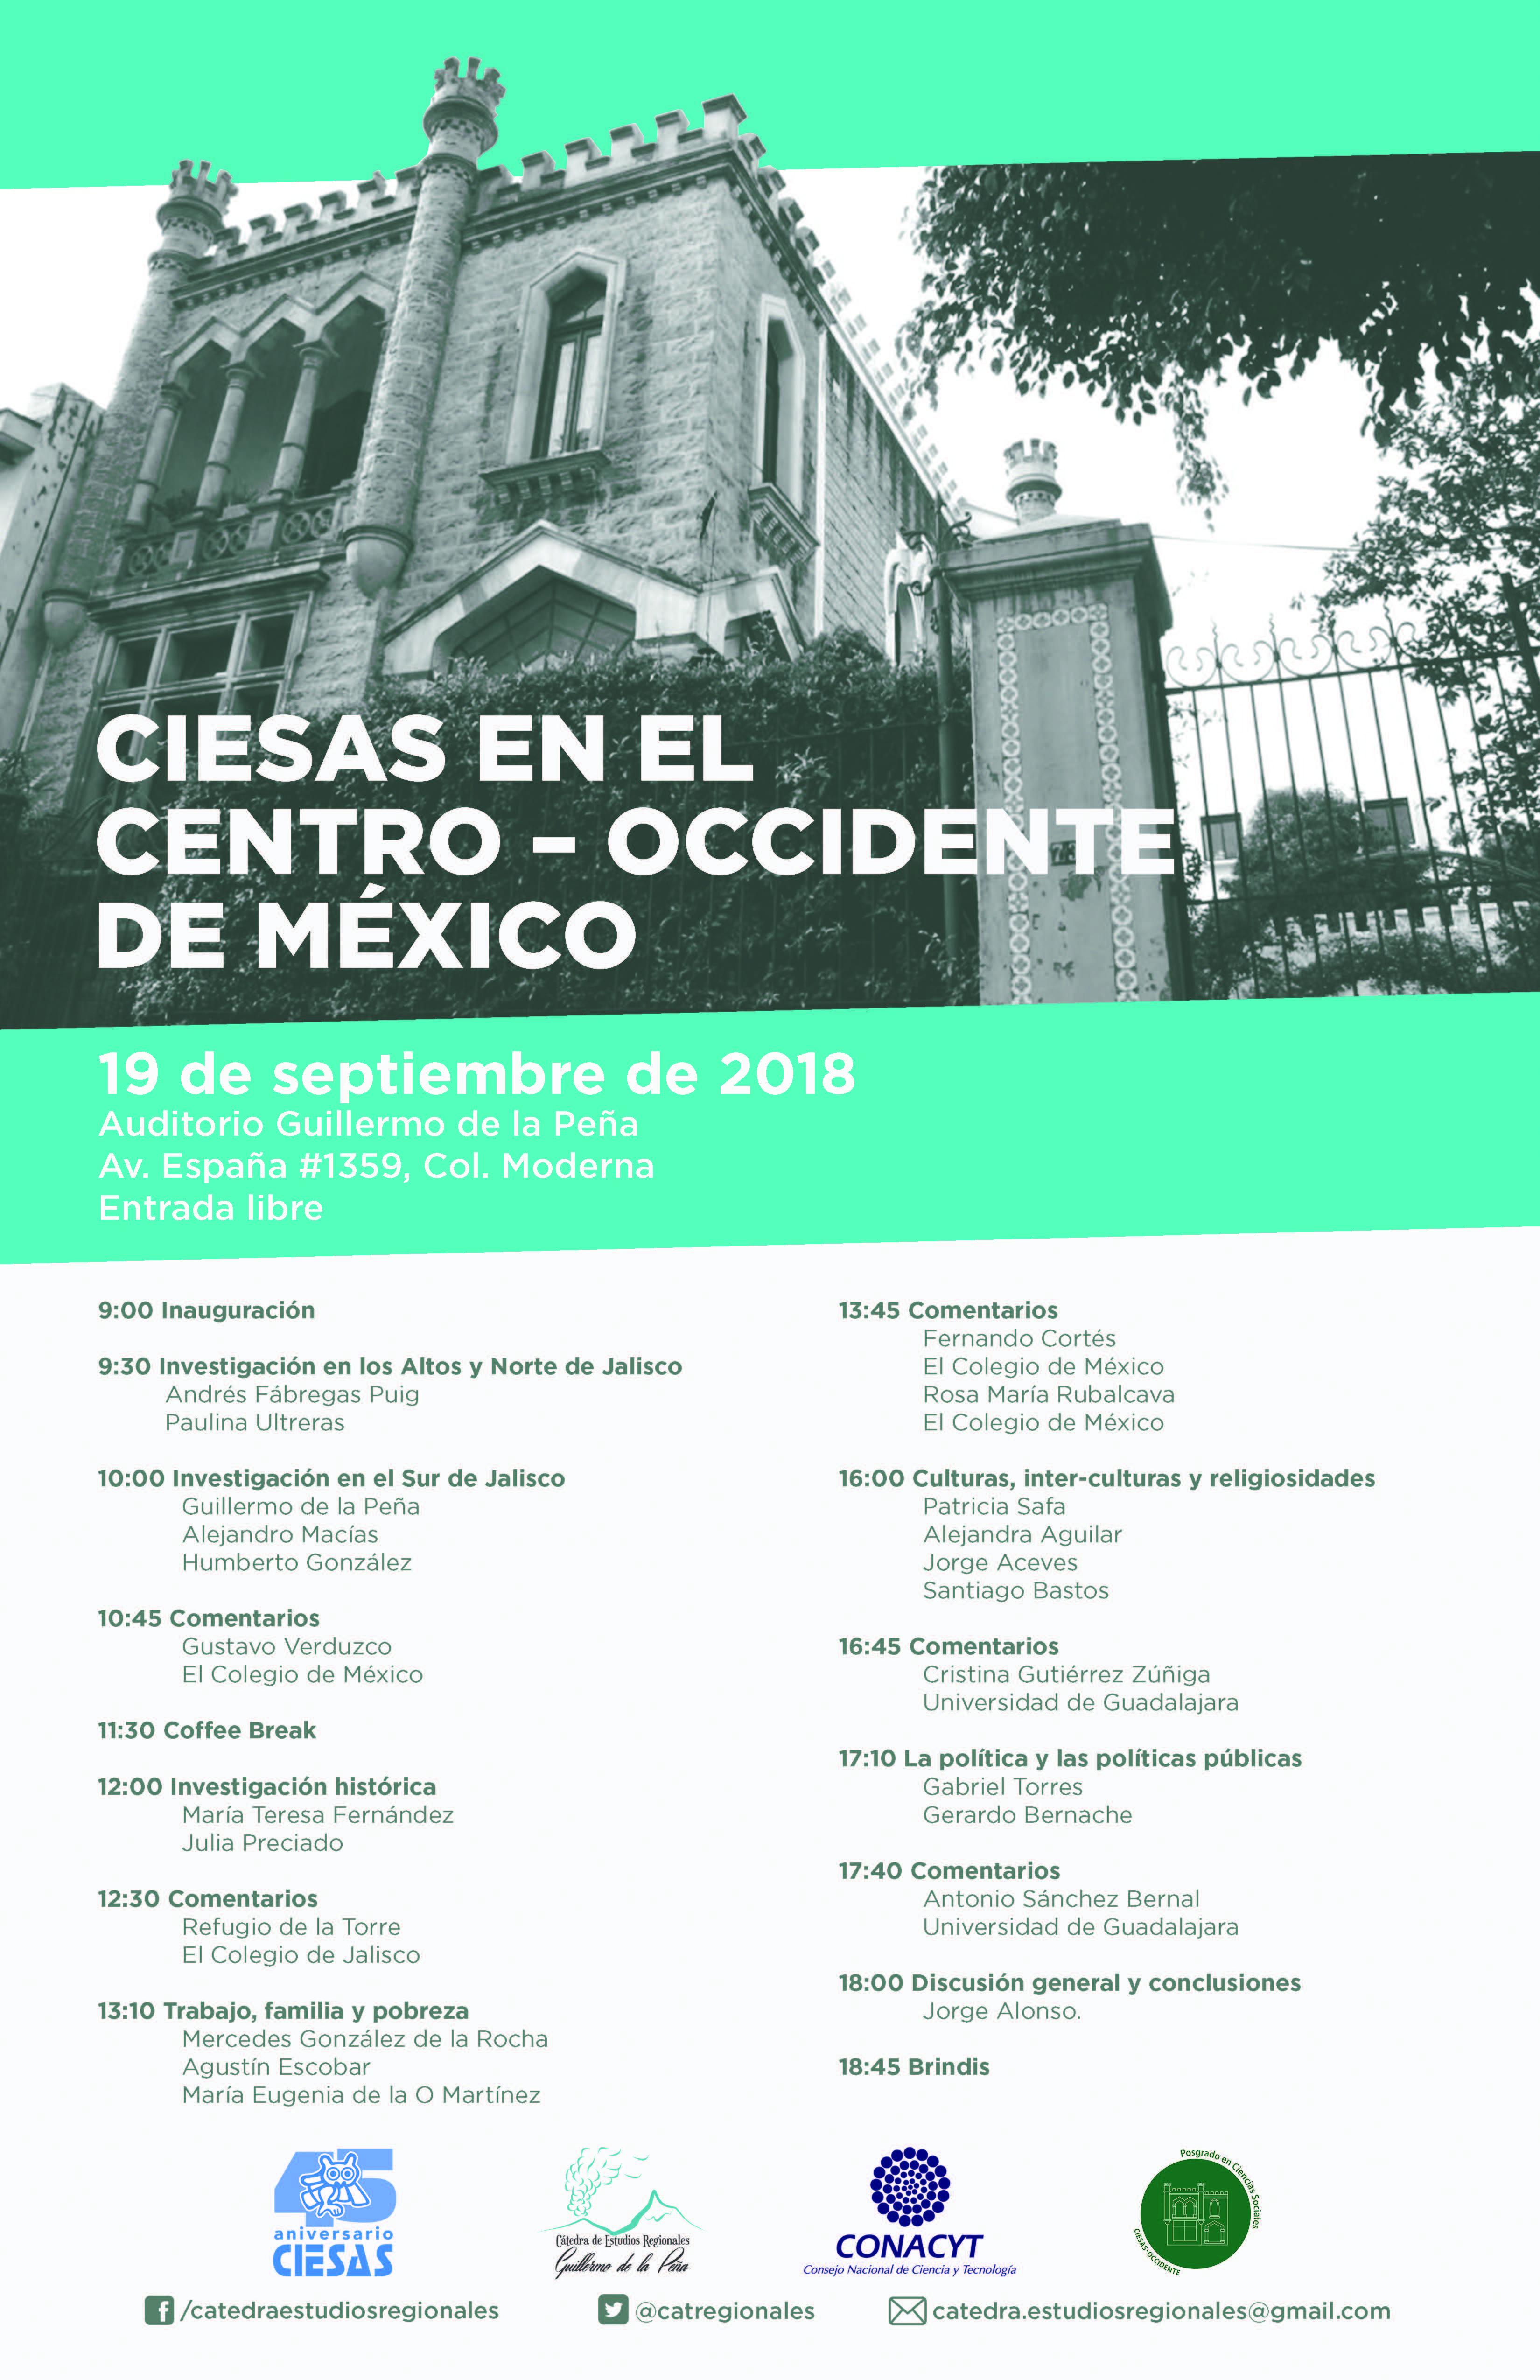 CIESAS en el Centro-Occidente de México 45 años del CIESAS